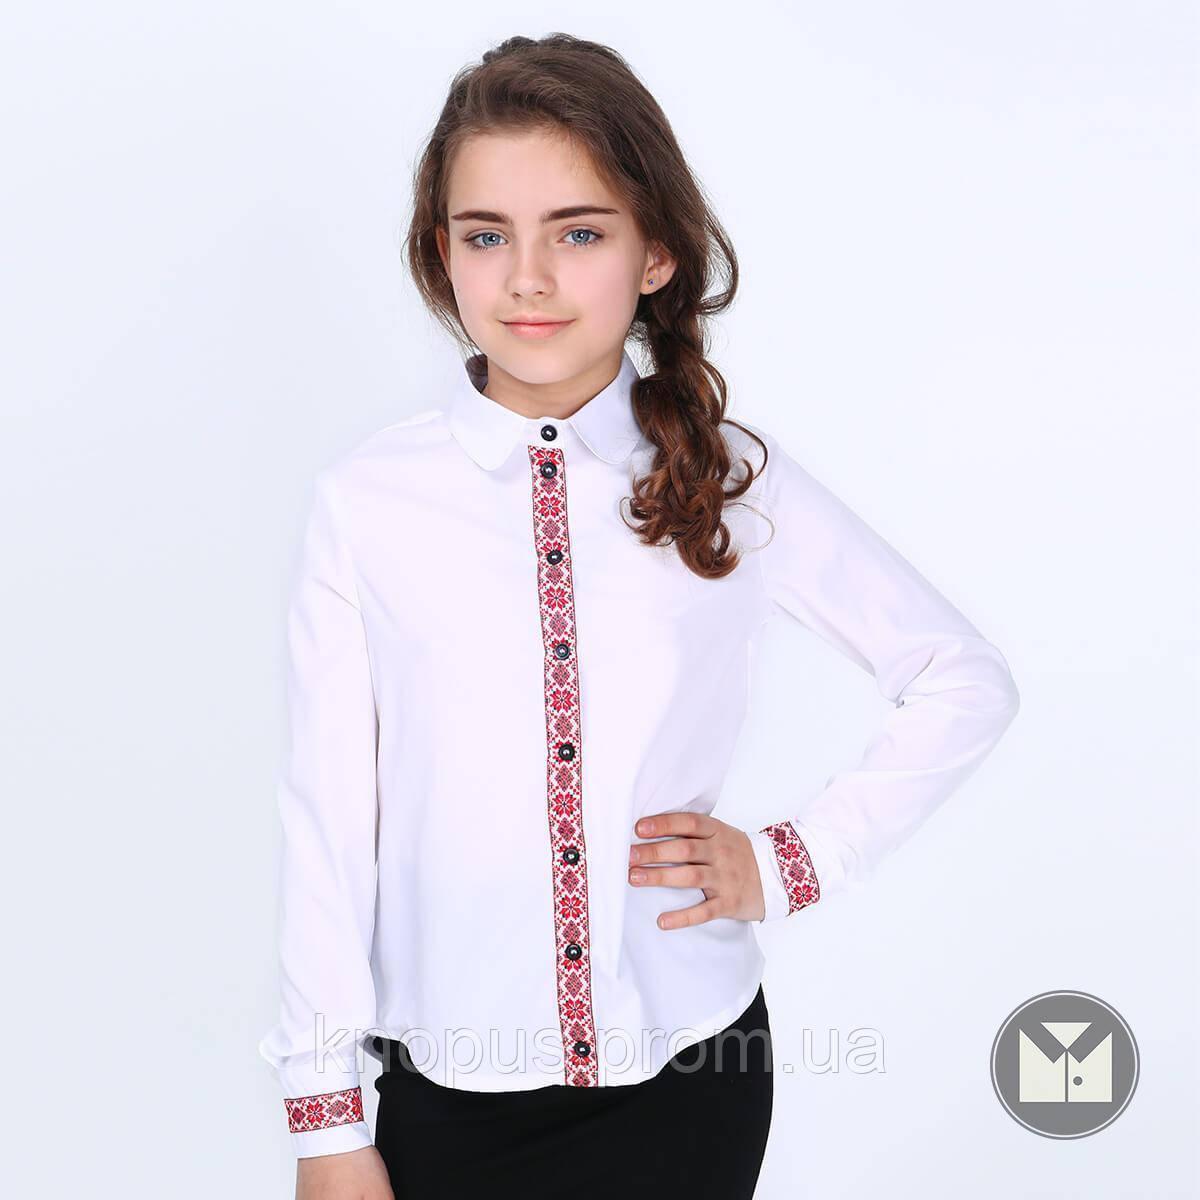 Блуза  белая с длинным рукавом, Вышиванка, Solomiya, Тимбо